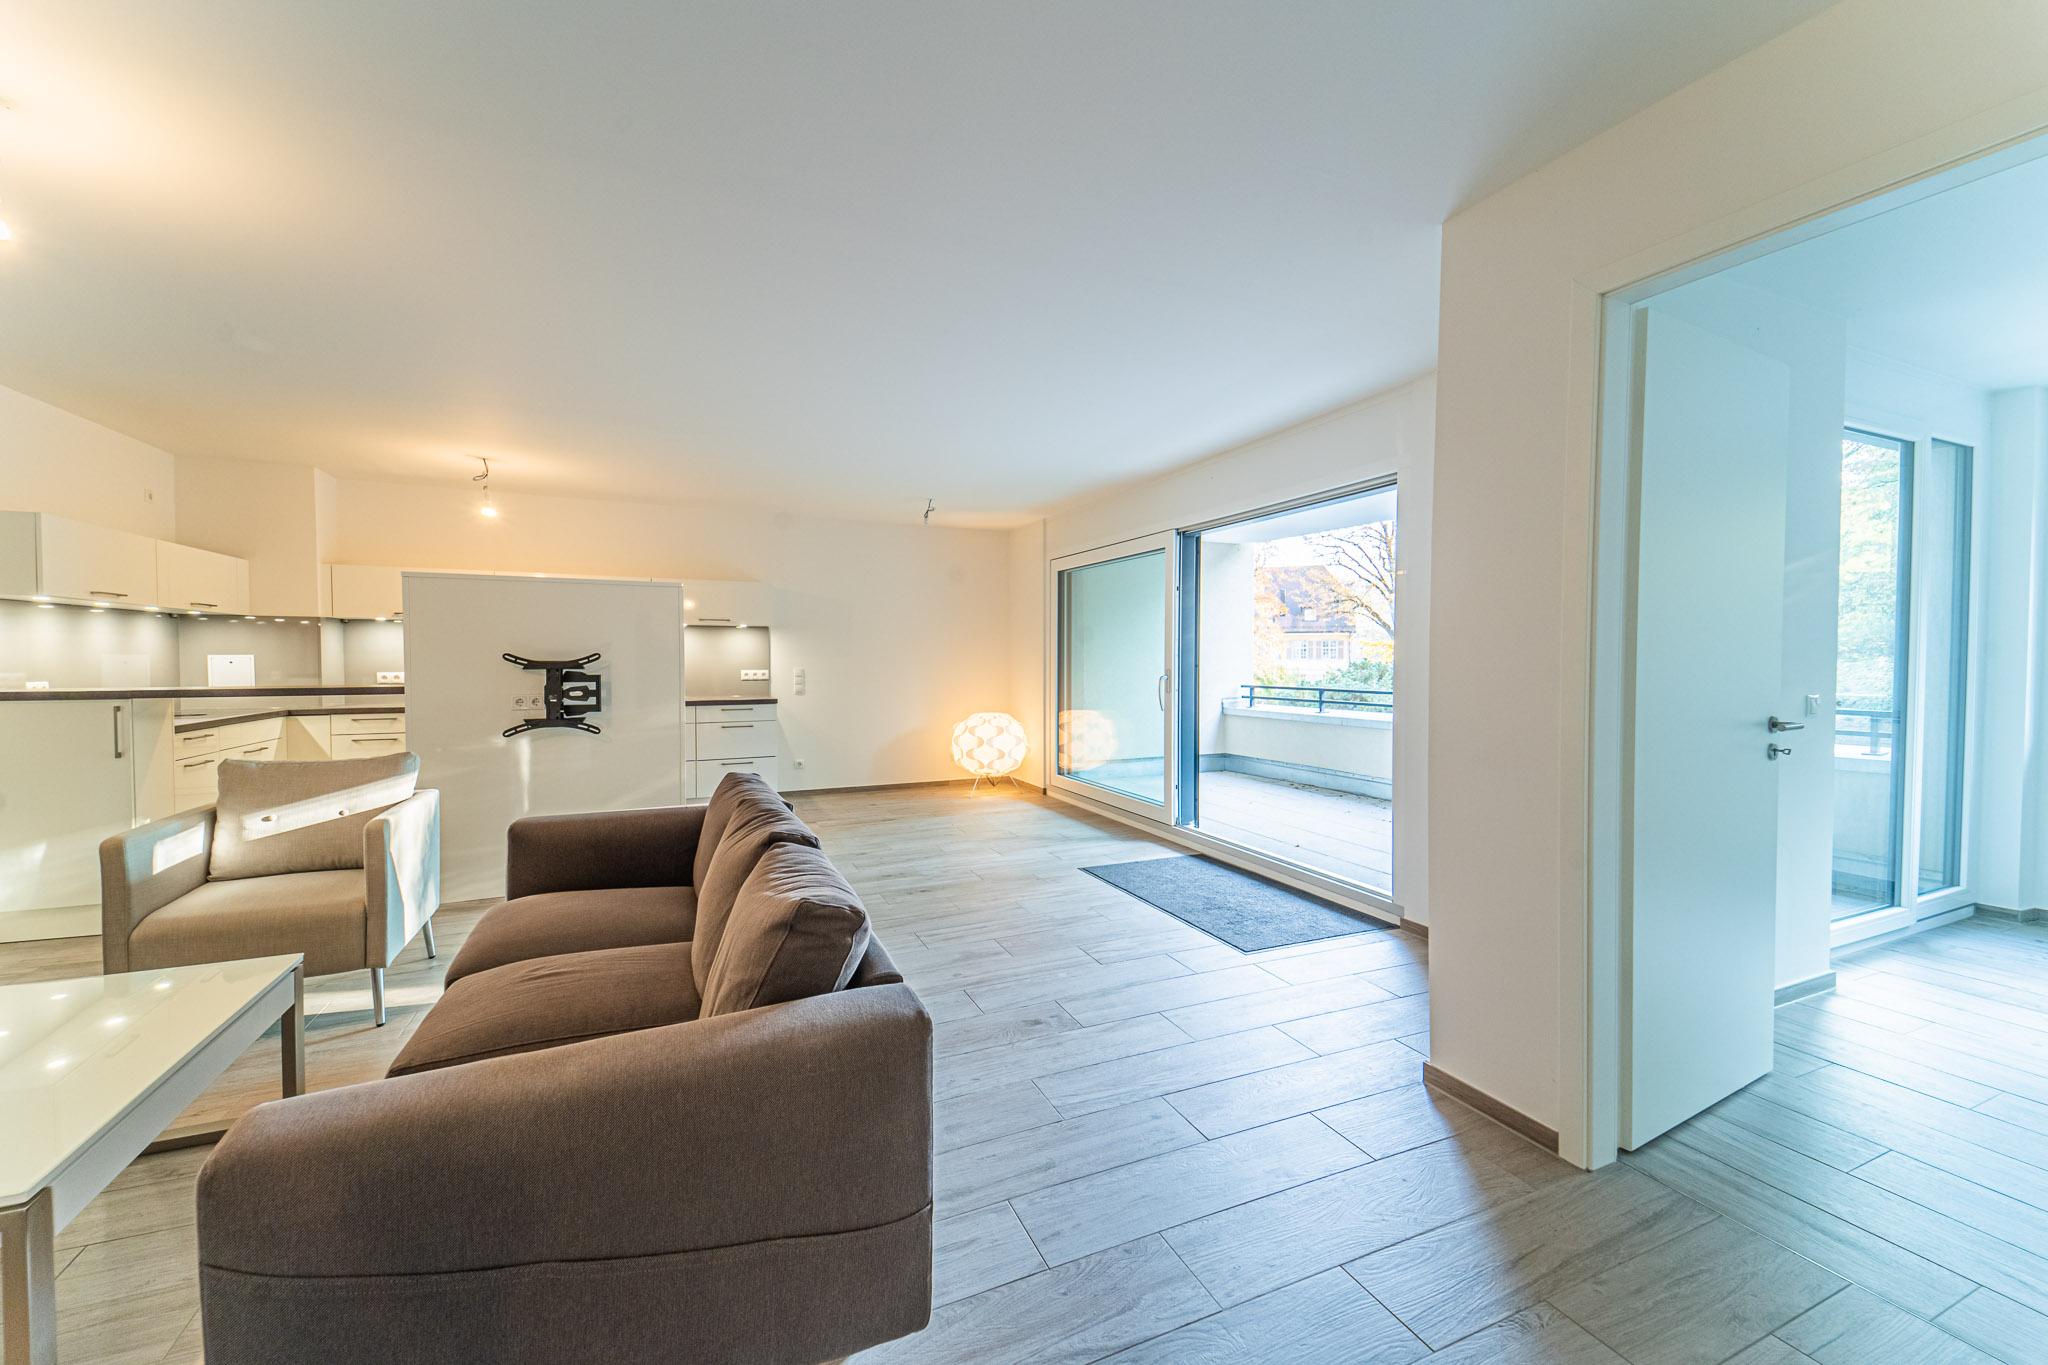 Neubau am Rhein! Elegante barrierefreie 3,5 Zi. Erdgeschoss-Wohnung mit Loggia, Lift und TG-Stellplatz am Adelberg in Rheinfelden per sofort zu vermieten